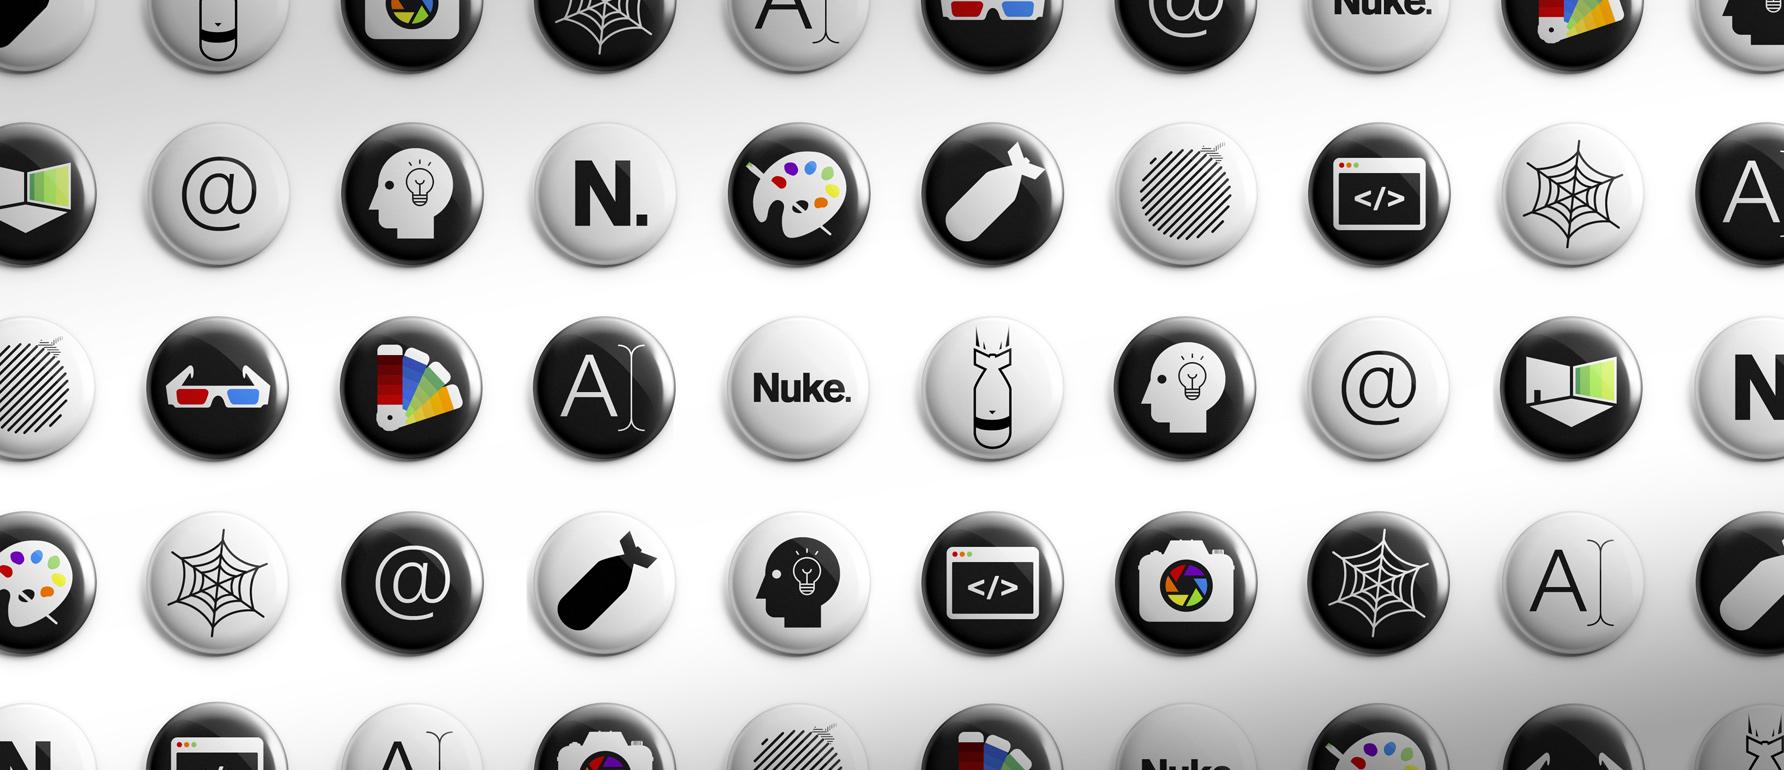 Series of pin badge designs